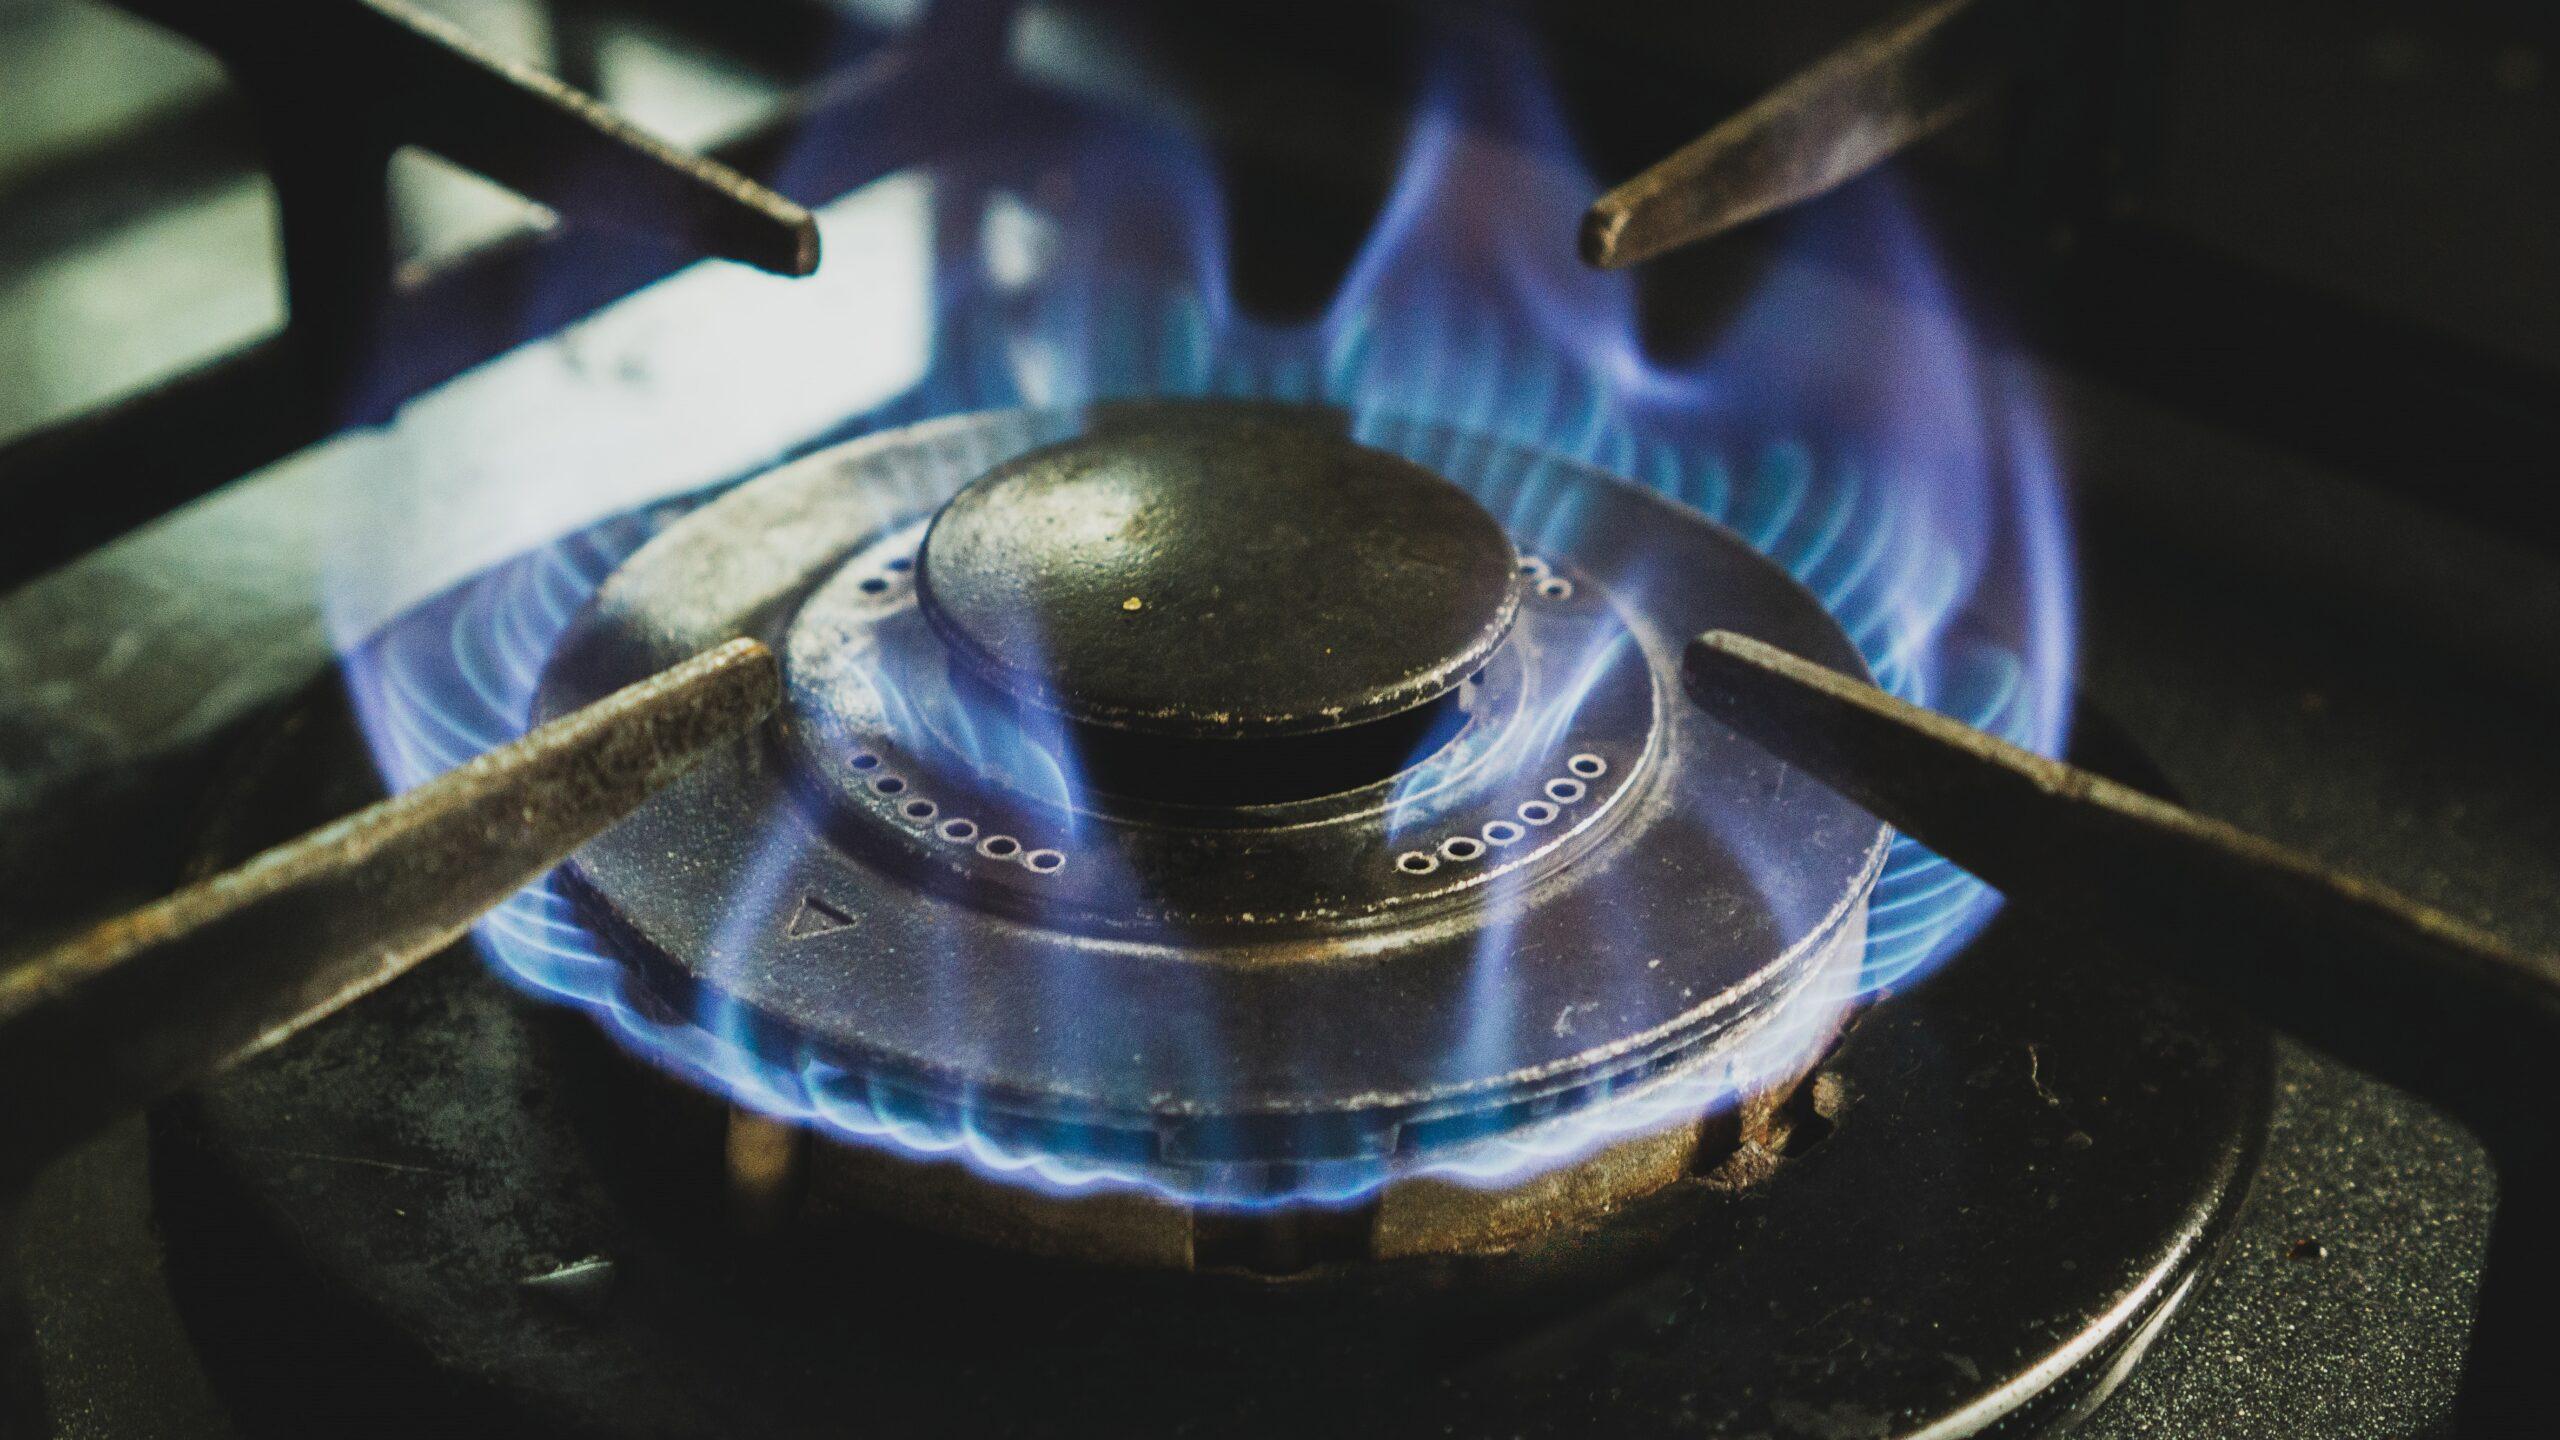 O ile wzrosną ceny gazu? To już trzecia podwyżka w tym roku